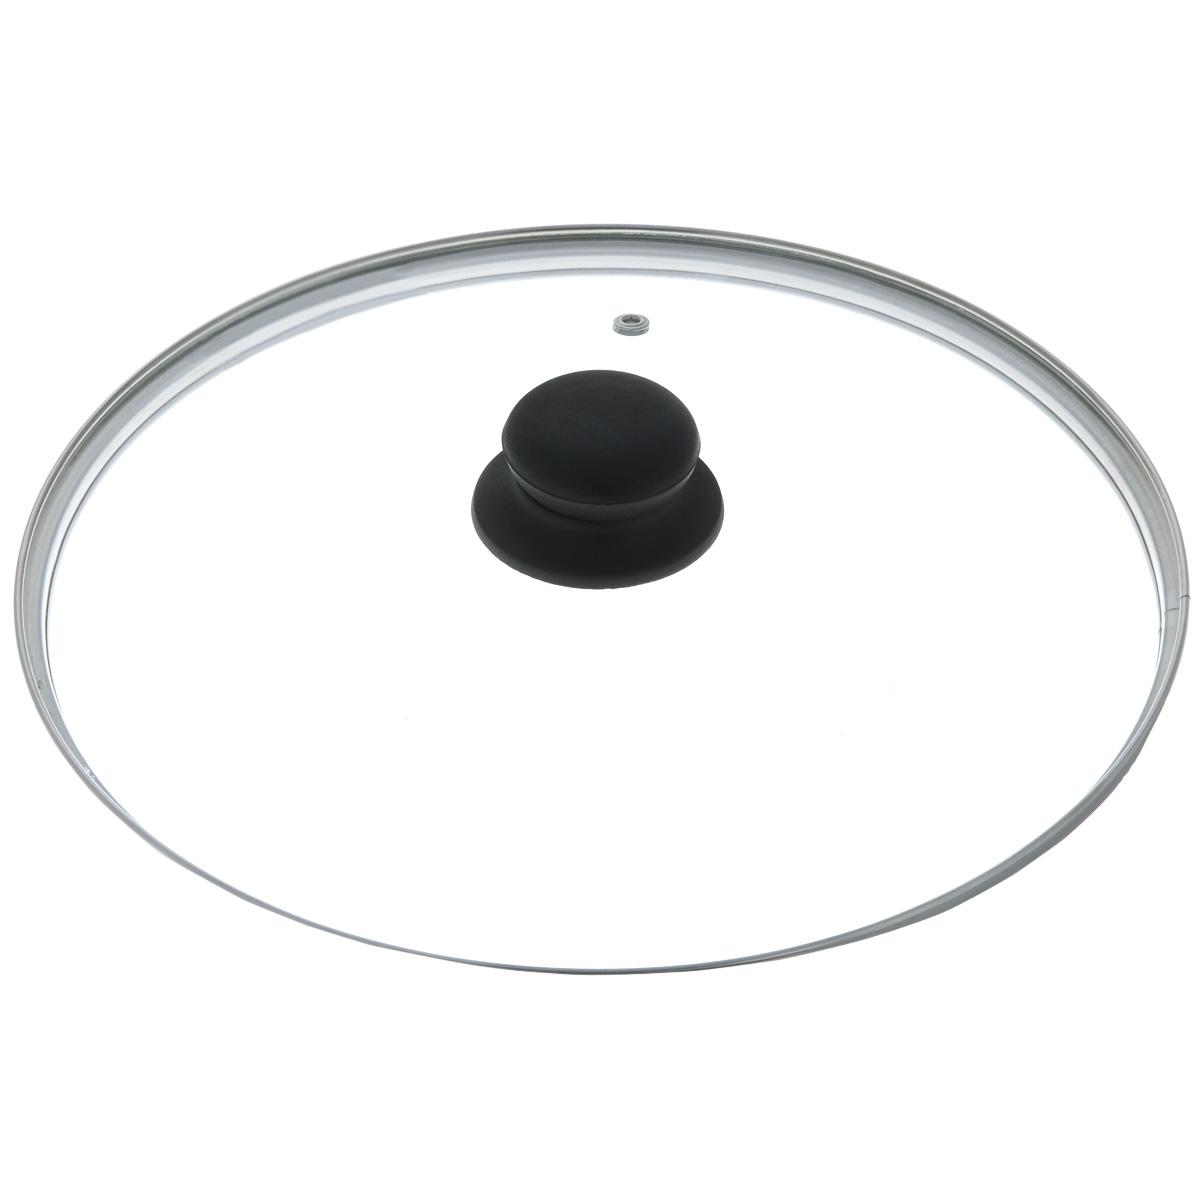 Крышка стеклянная, диаметр 28 см4628нКрышка изготовлена из термостойкого стекла. Обод, выполненный из высококачественной нержавеющей стали, защищает крышку от повреждений, а ручка, выполненная из термостойкого пластика, защищает ваши руки от высоких температур. Изделие оснащено пароотводом. Крышка удобна в использовании и позволяет контролировать процесс приготовления пищи без потери тепла. Можно мыть в посудомоечной машине.